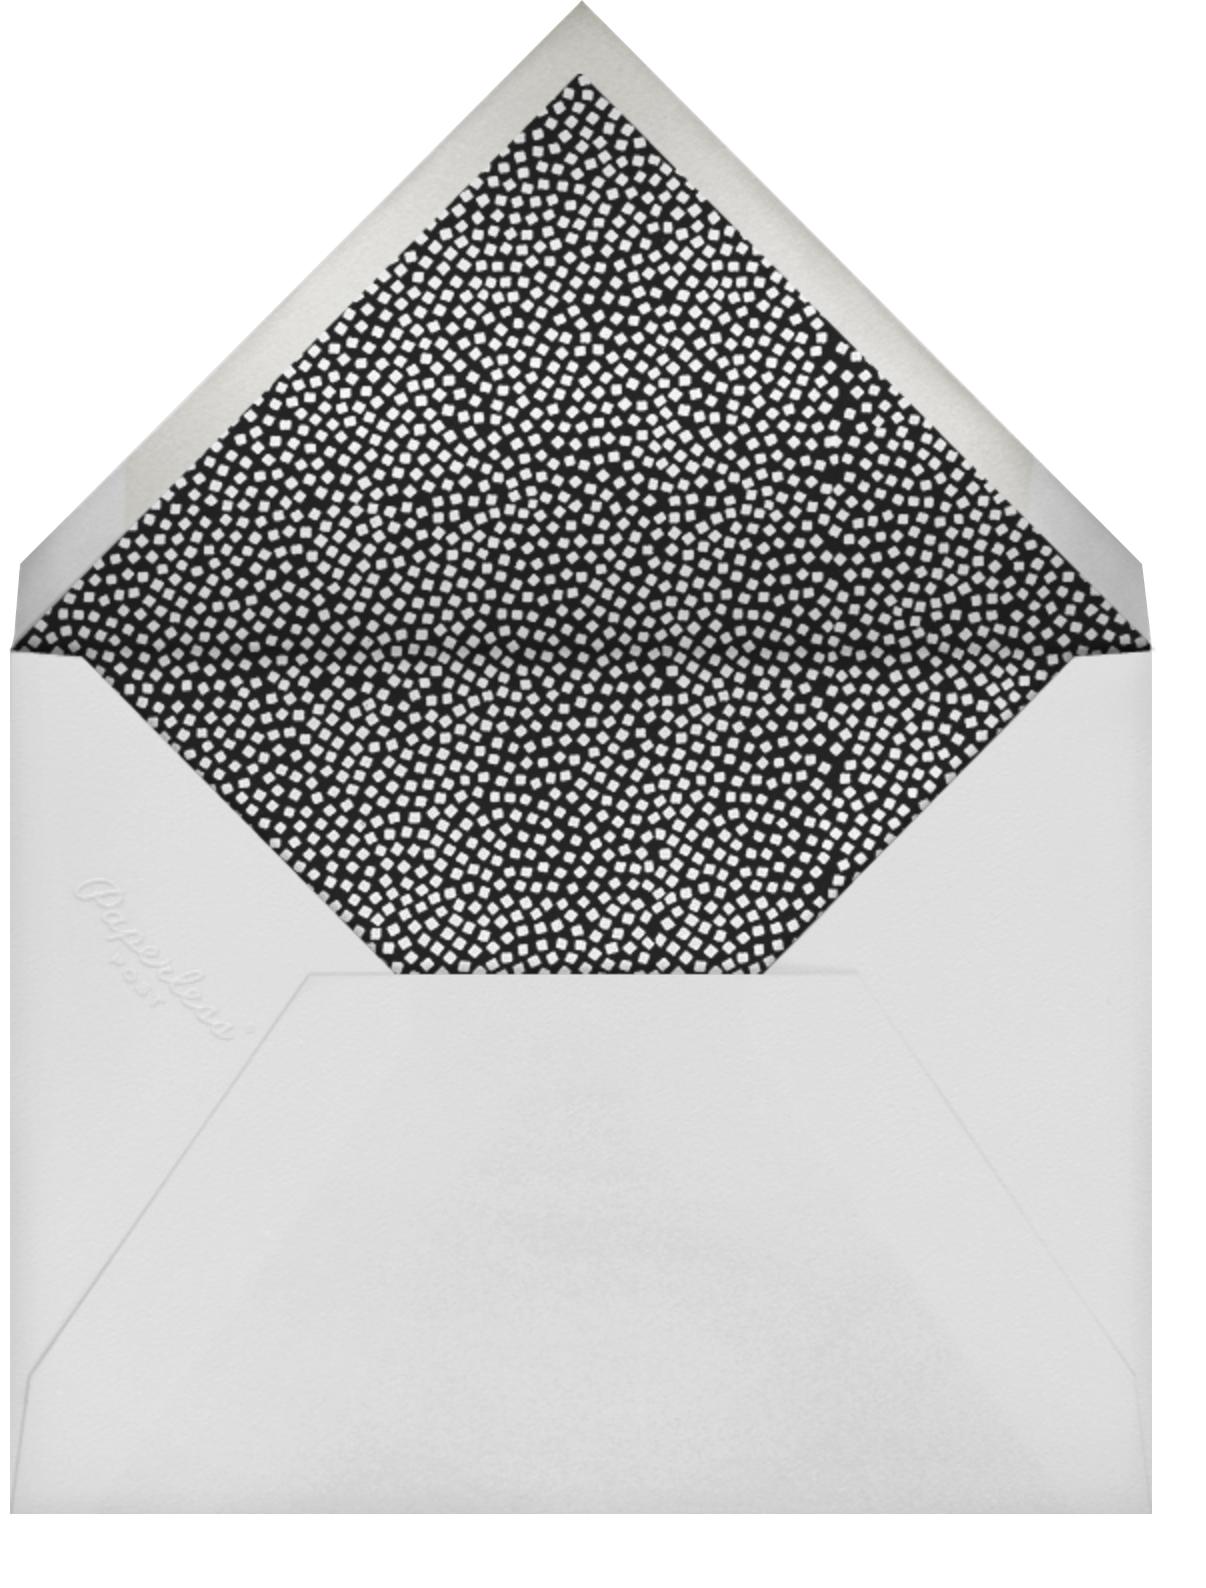 Konfetti - Silver - Kelly Wearstler - Graduation party - envelope back